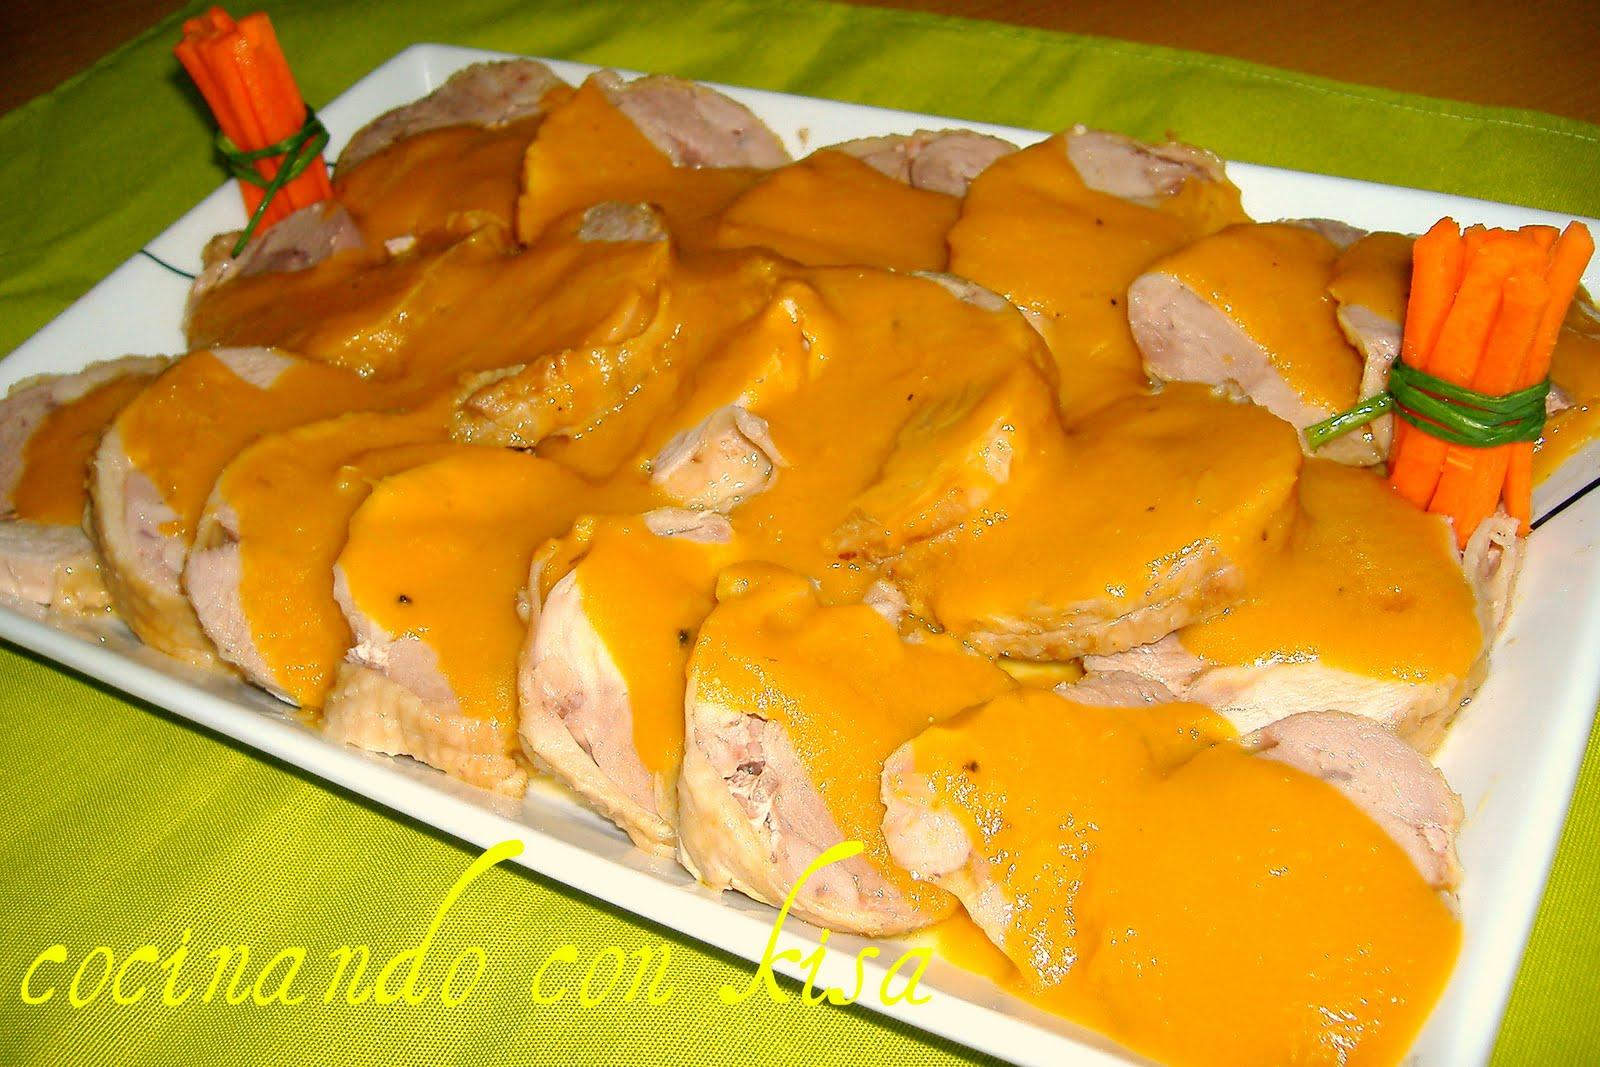 Cocinando con kisa rottis de pavo en salsa fussioncook for Cocinando con kisa